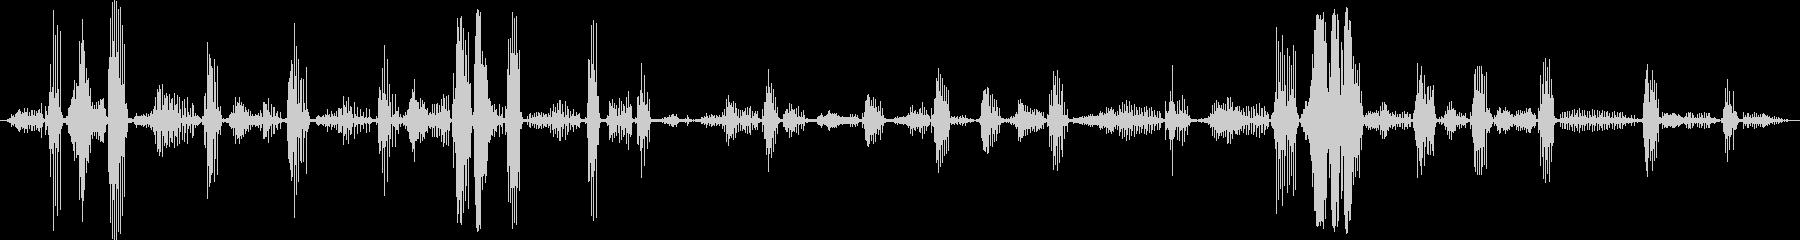 黒いヒョウ:絶え間ない喉の鳴き声、...の未再生の波形